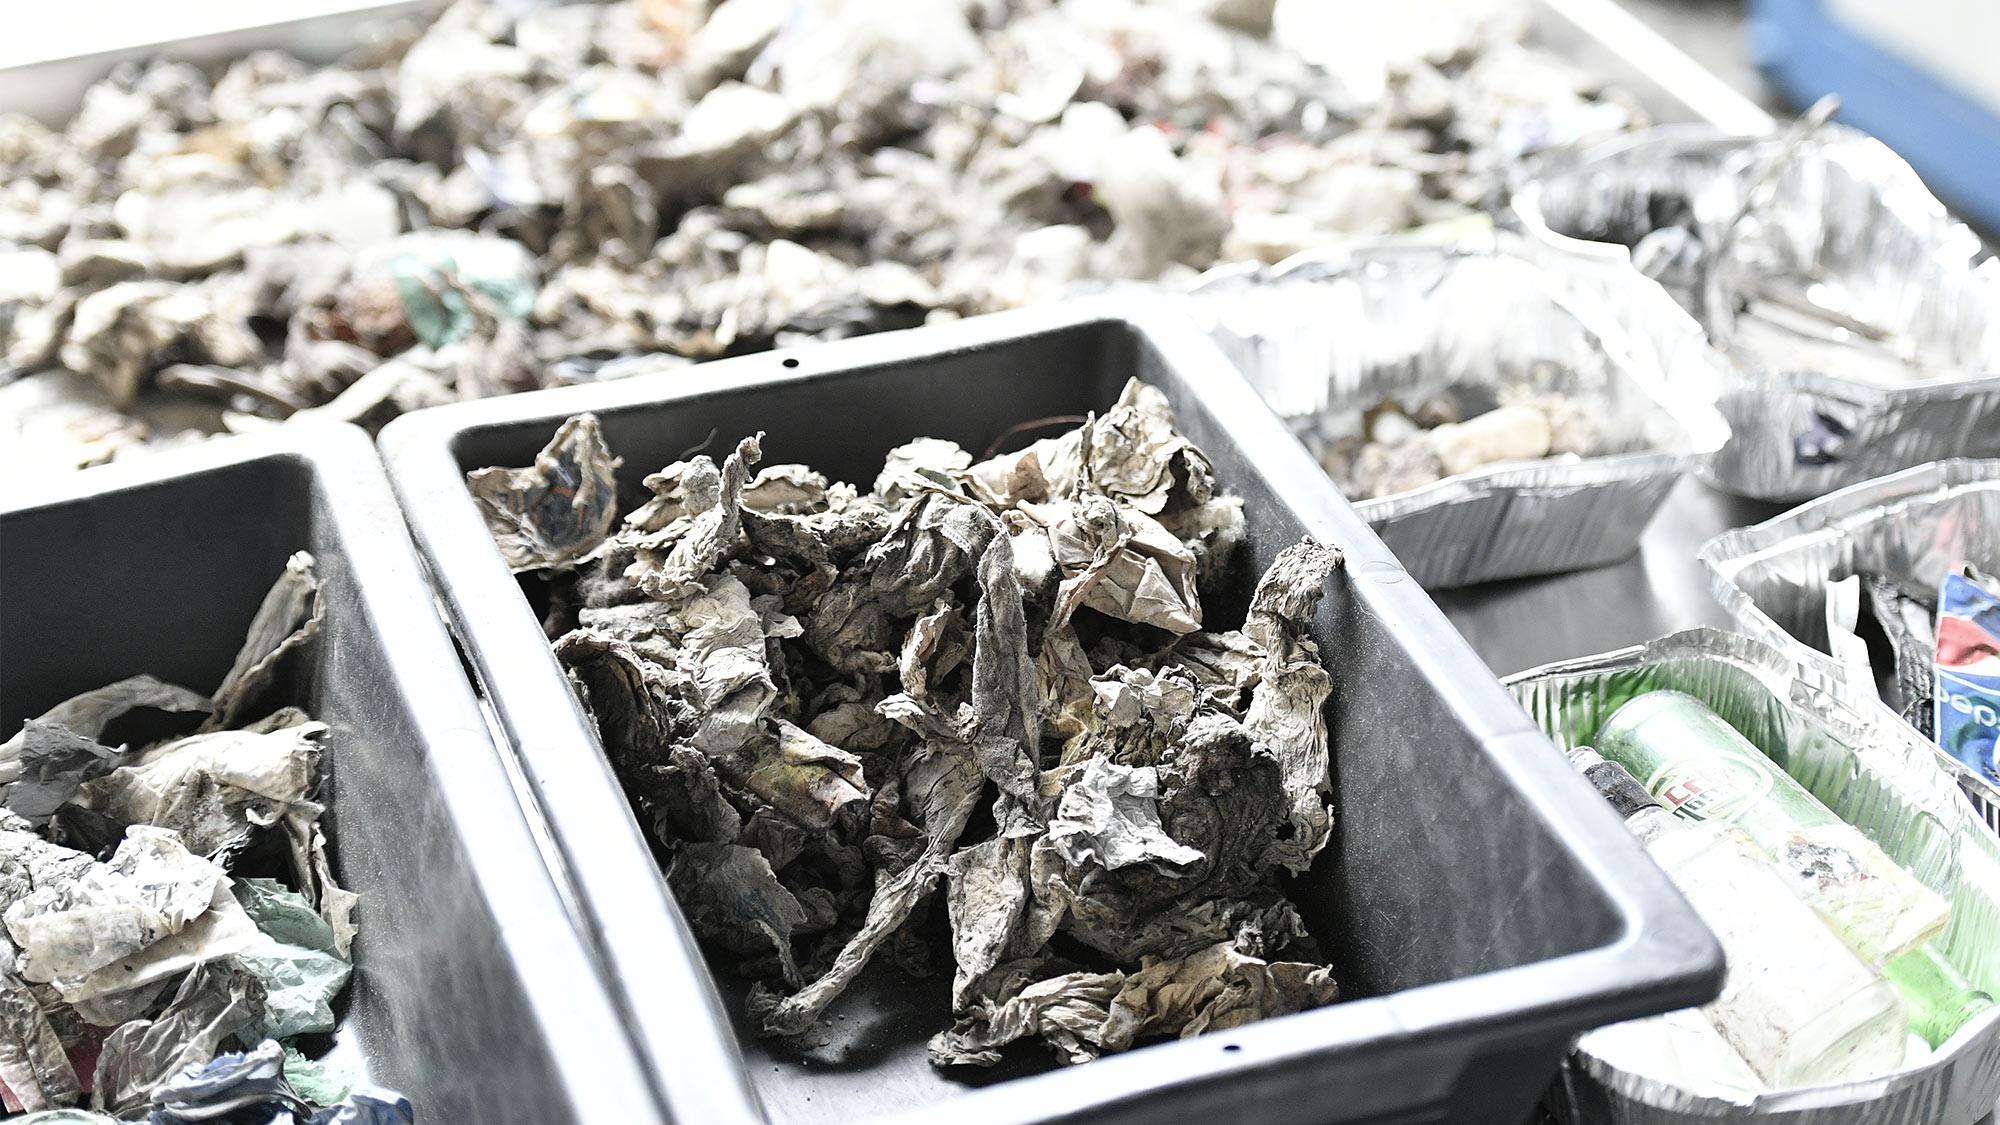 Gestion et valorisation des déchets